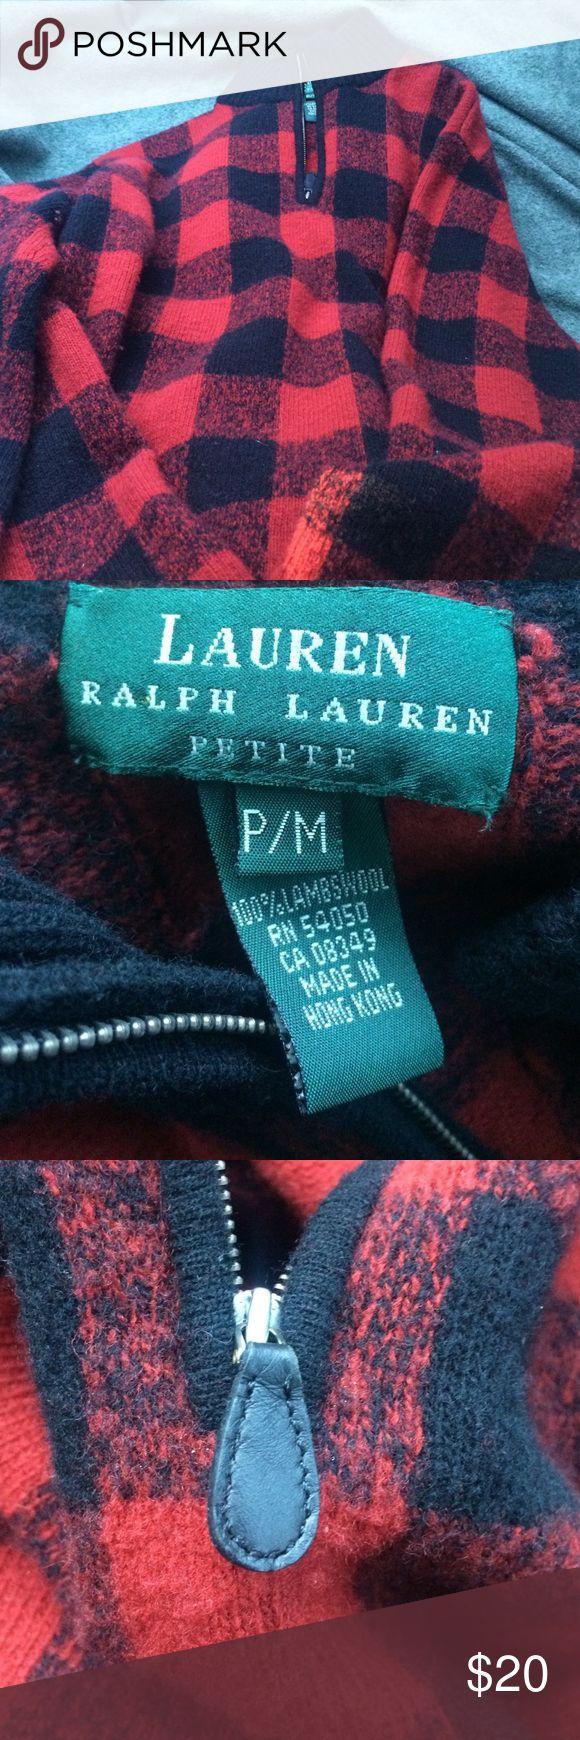 Lauren Ralph Lauren Petite Zip up 100% lambswool Petite Medium made in Hong Kong in great condition made out of 100% lambswool Lauren Ralph Lauren Sweaters